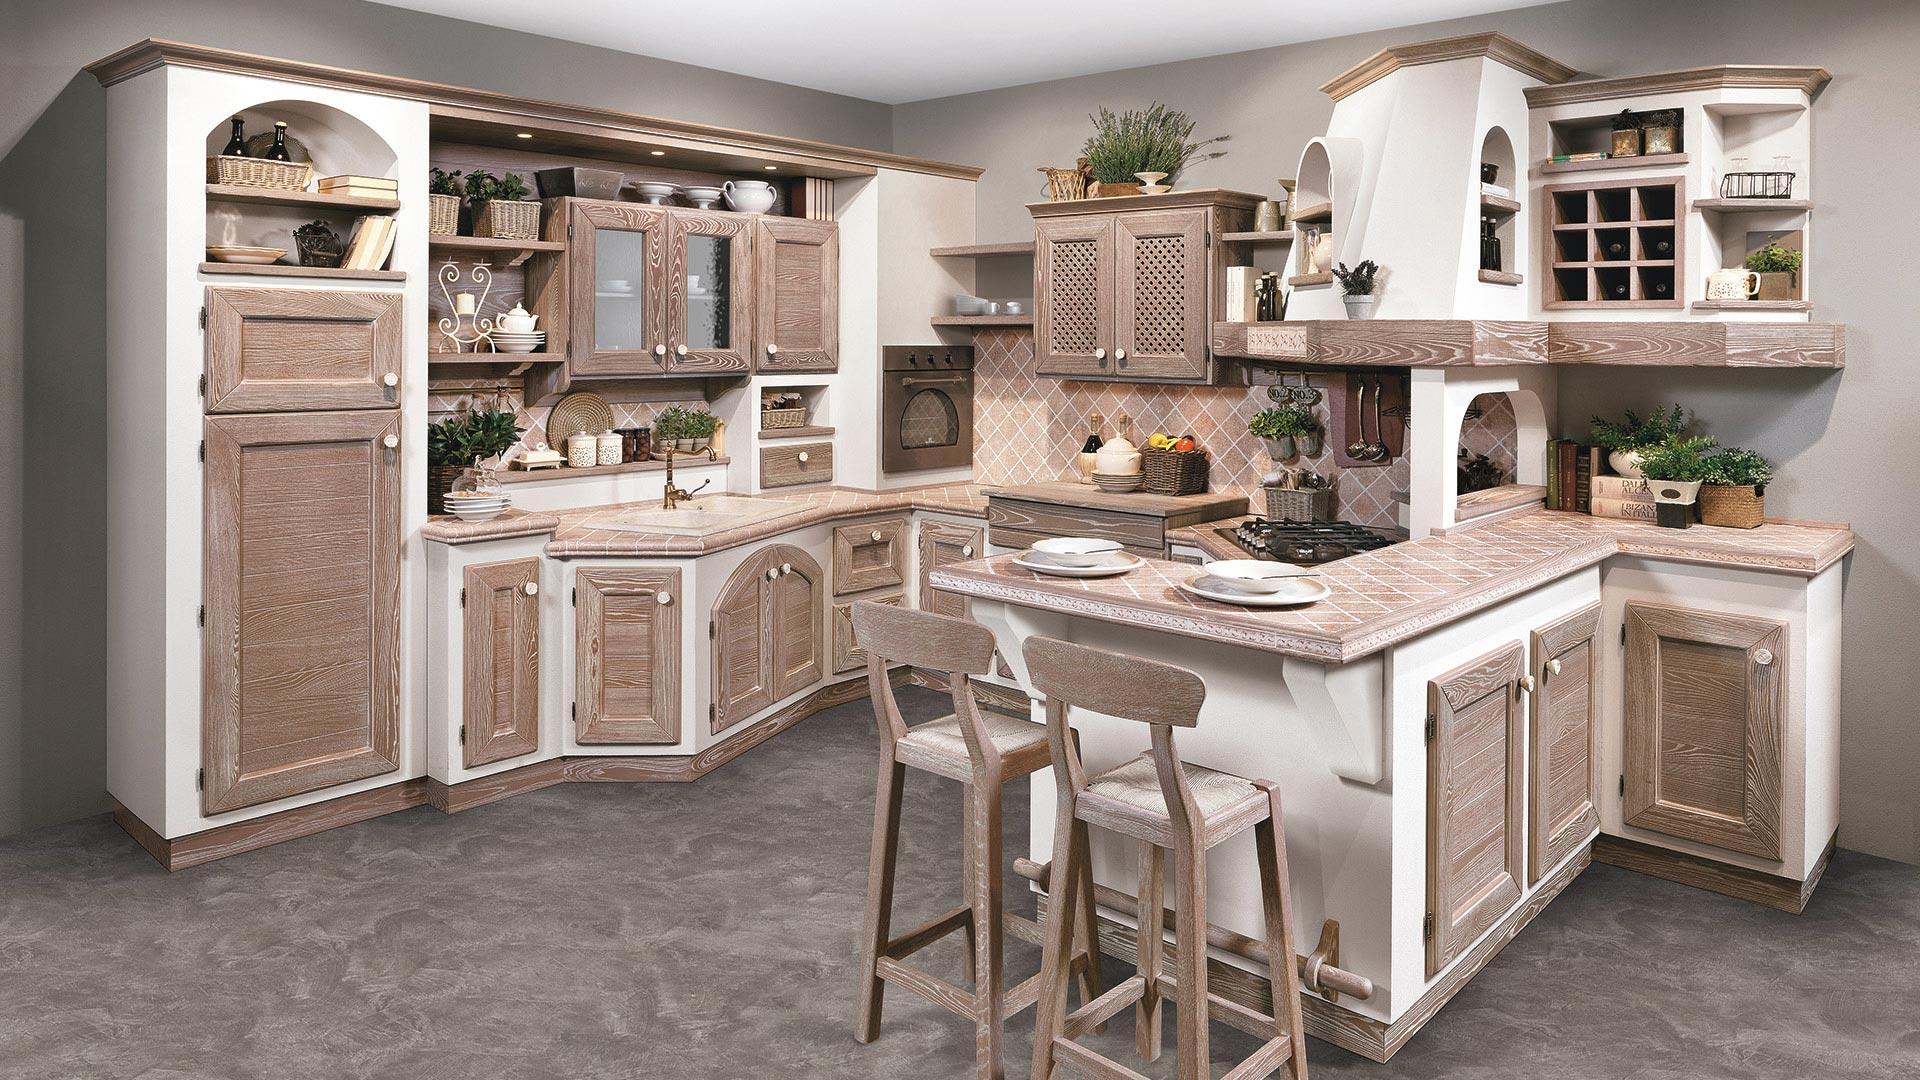 Vendita Cucine Lube Usate.Luisa Cucine Borgo Antico Cucine Lube